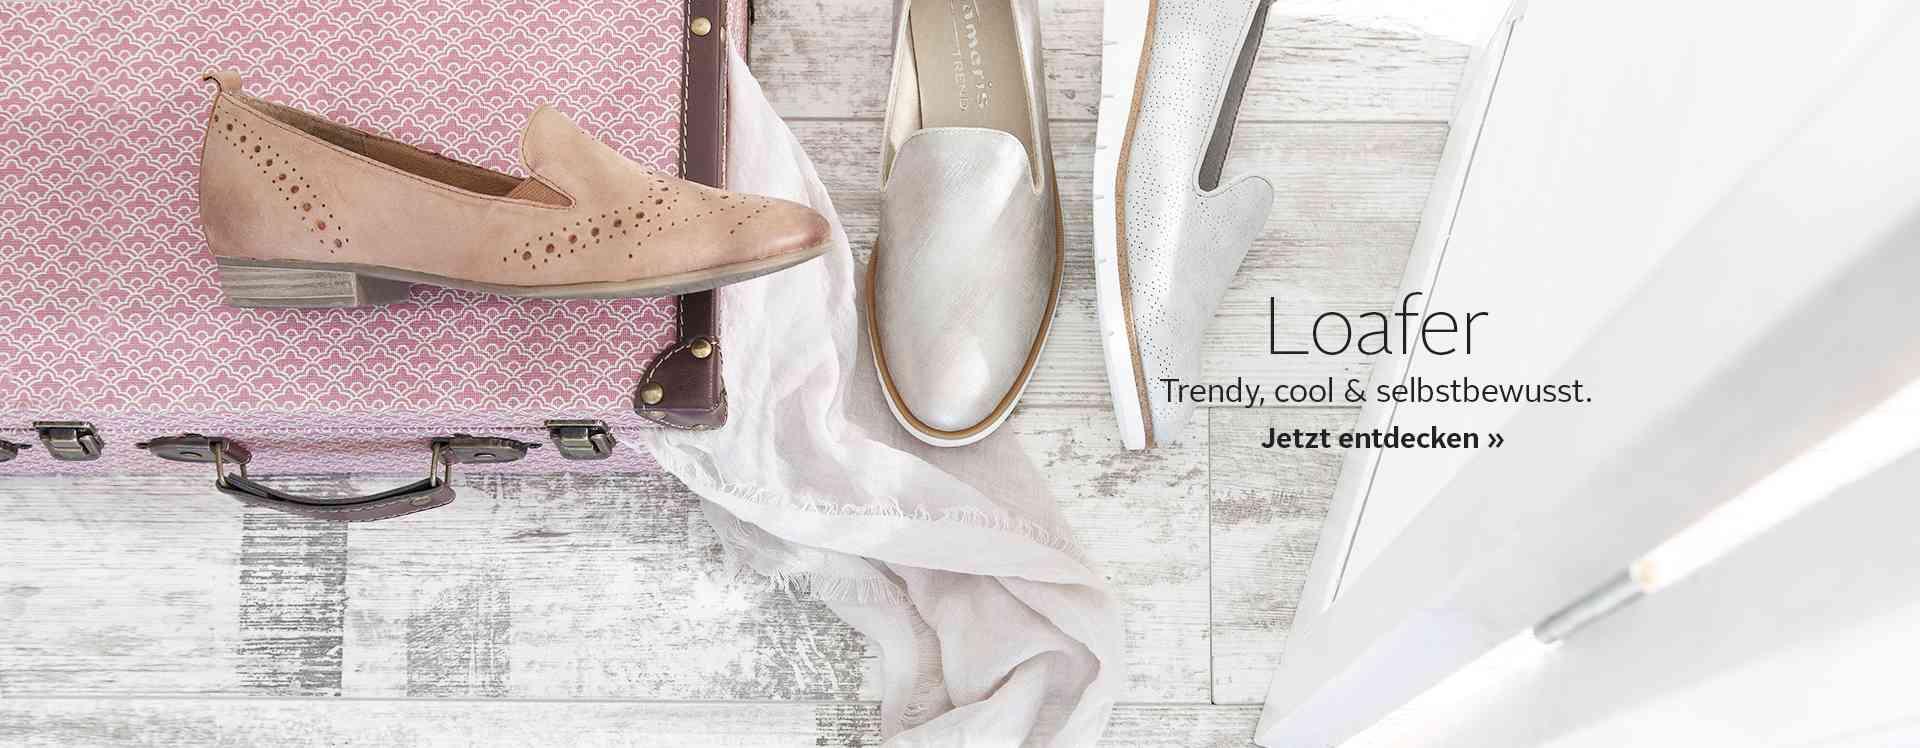 Ob Büro oder Freizeit: Loafer sind vielfältig. Entdecken Sie jetzt die verschiedenen Styles und Farben!